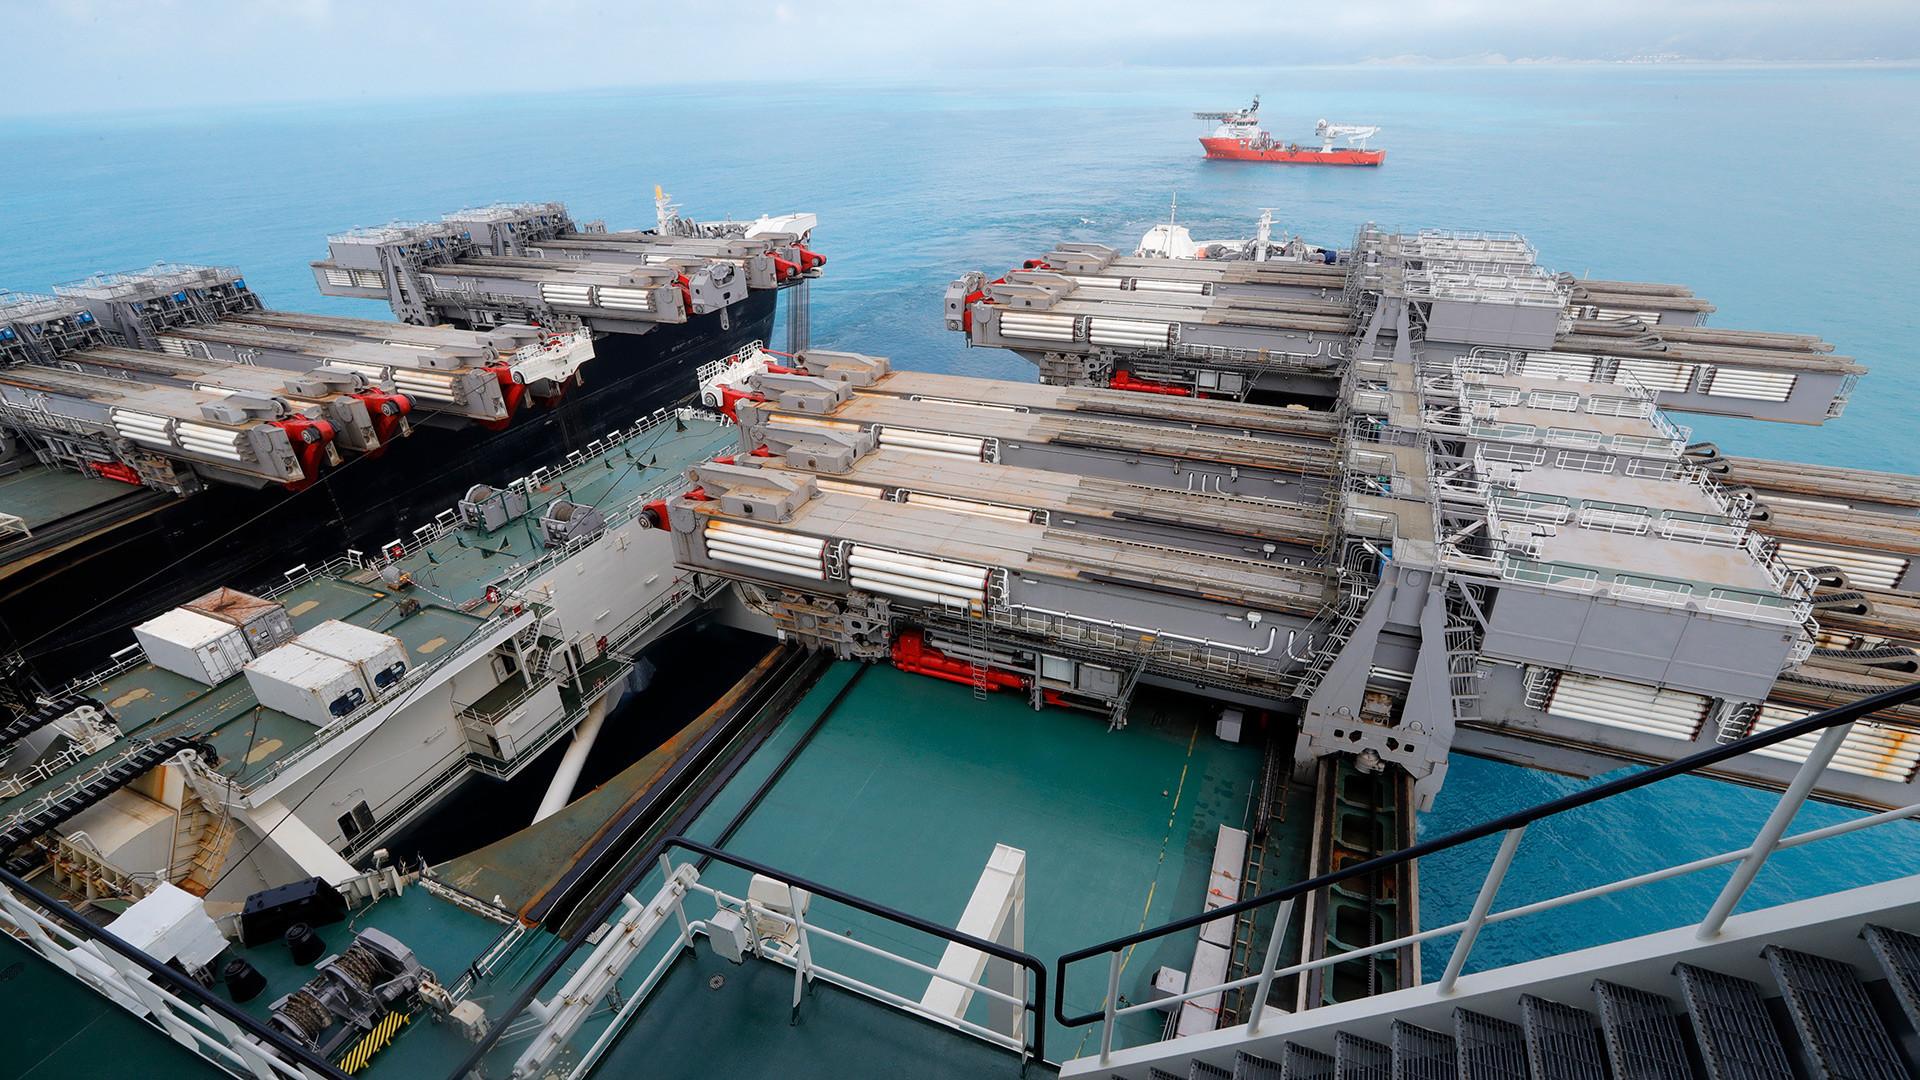 Краснодарски крај, 23 јуни 2017 година. На бродот Pioneering Spirit, за поставување гасоводни цевки на голема длабочина, кој треба да ја спои длабинската и плитката делница на гасоводот Турски тек во Црното море, 50 километри од Анапа.